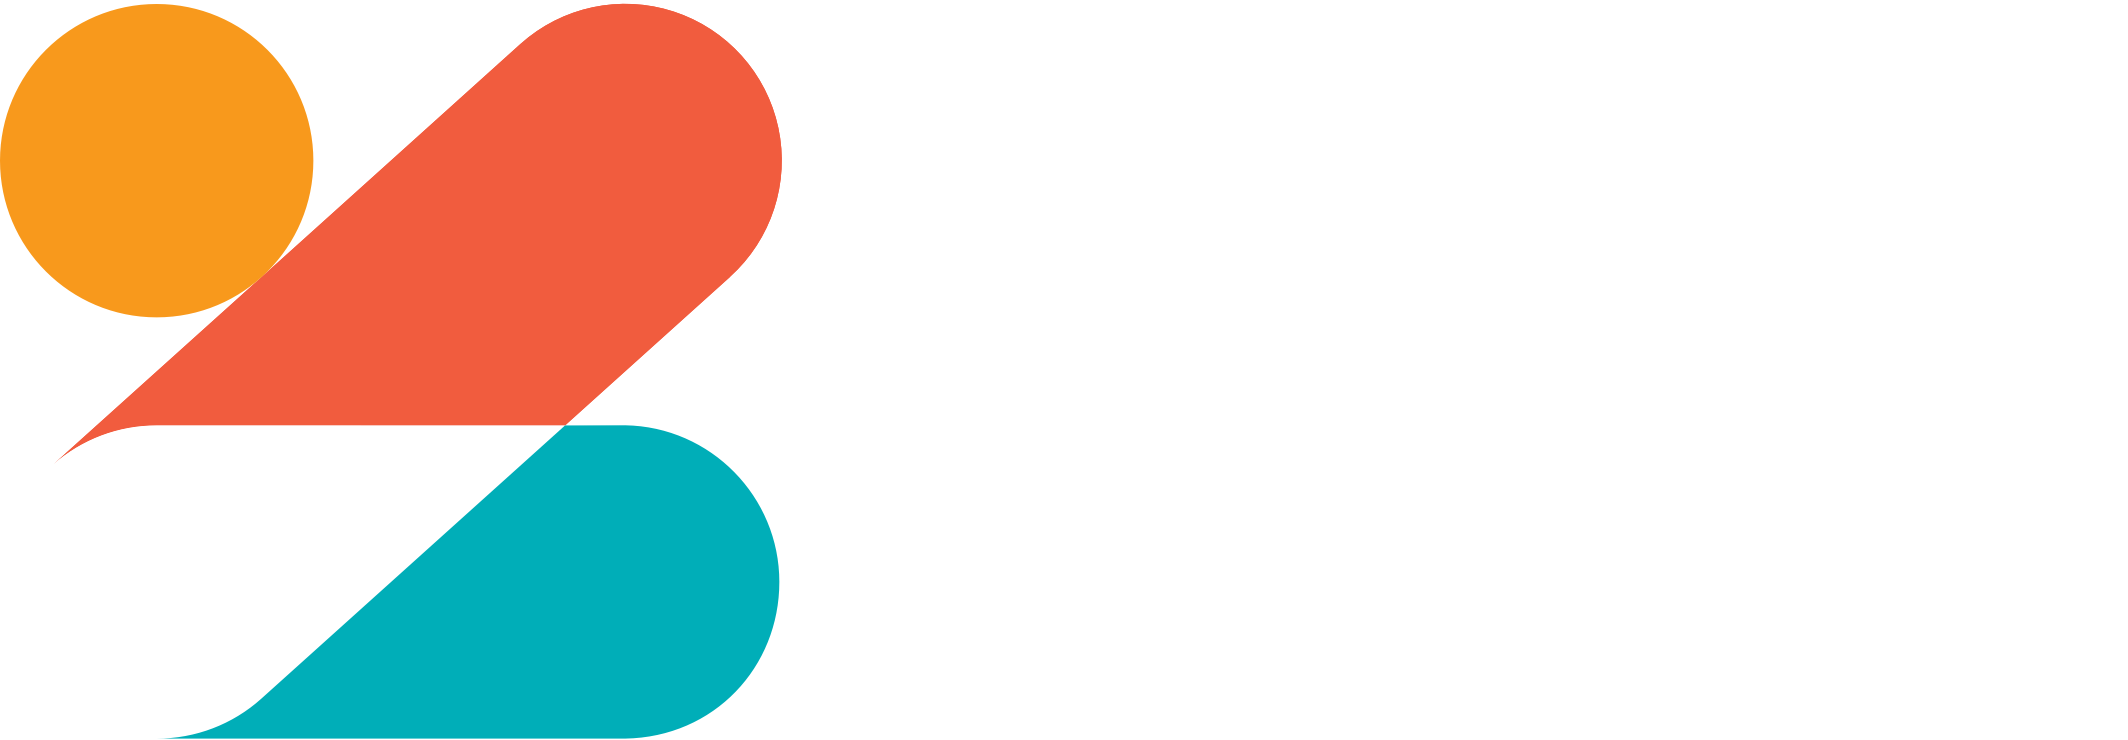 logo of Zip